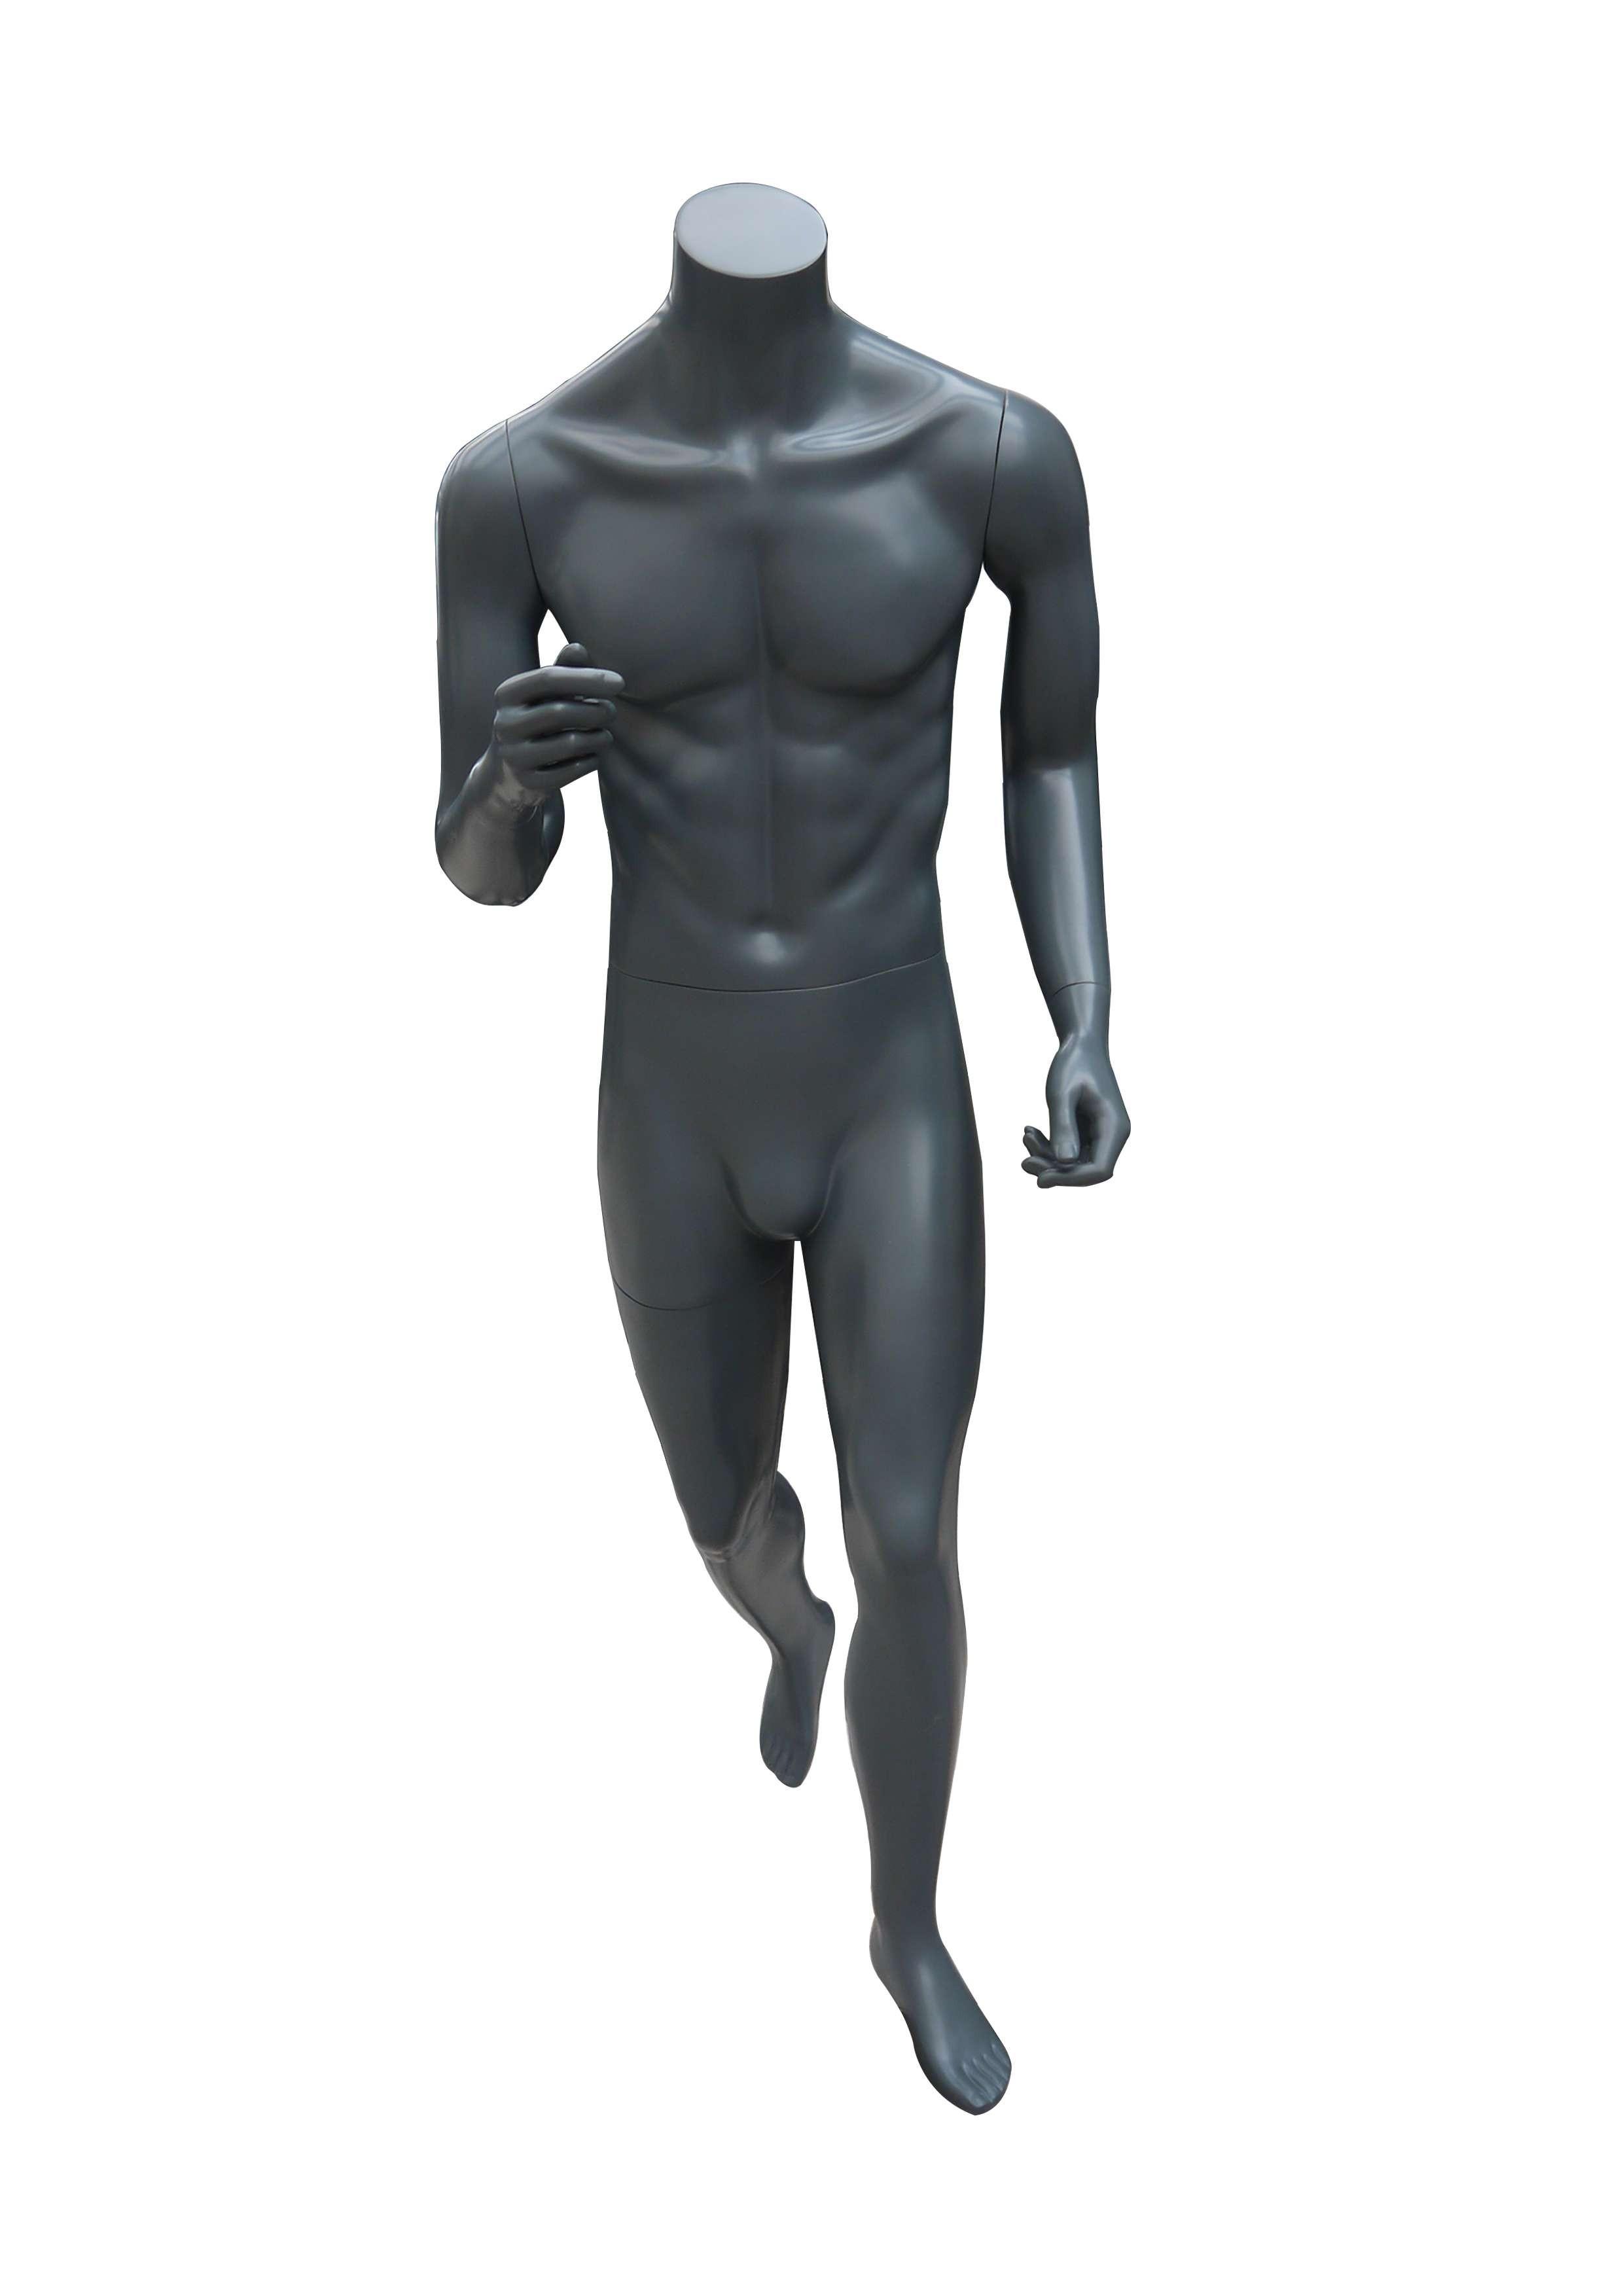 快乐人体模特 - 运动男性无头模特-M-6